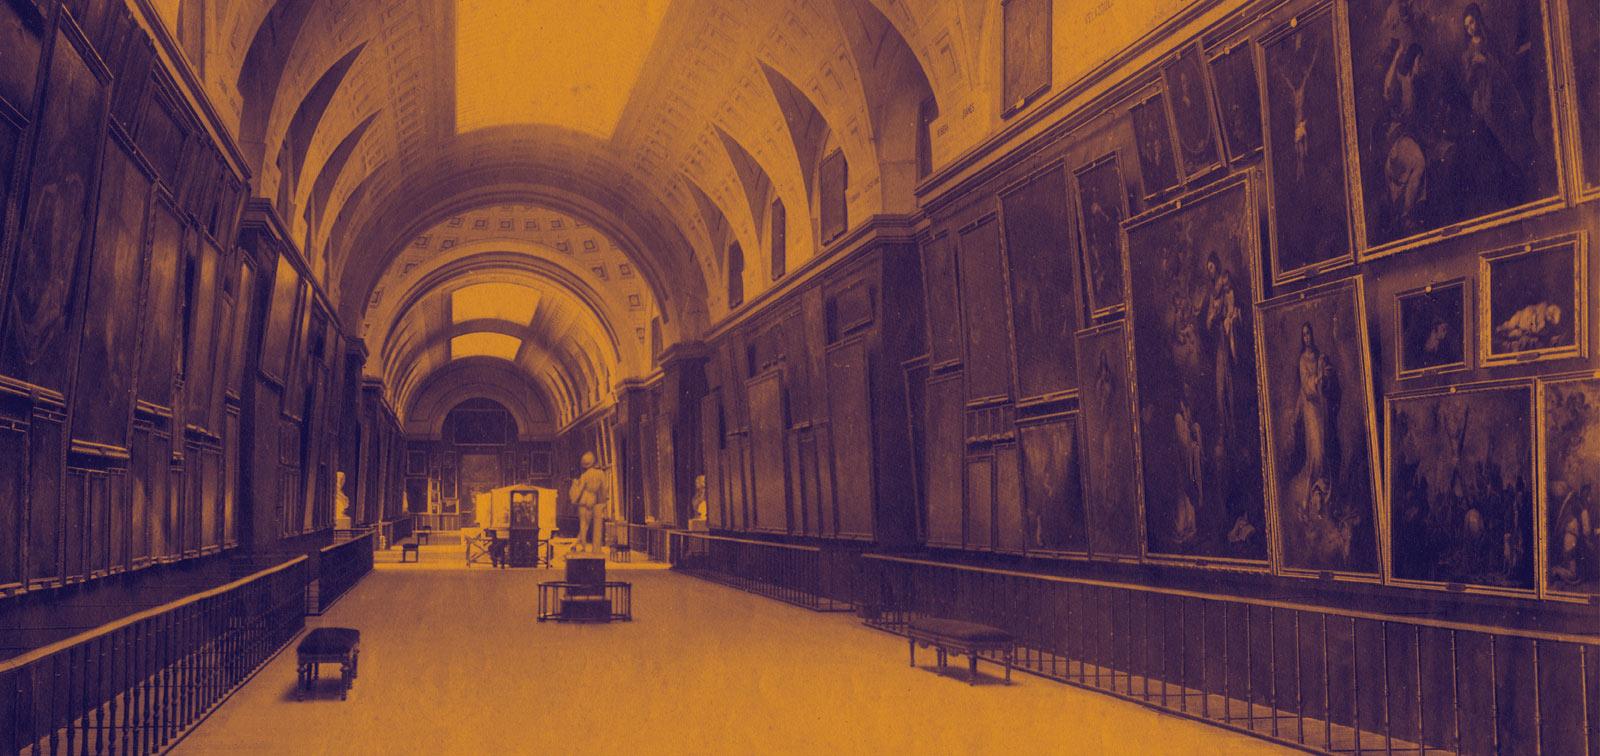 Exposición. Museo del Prado 1819-2019. A place of memory